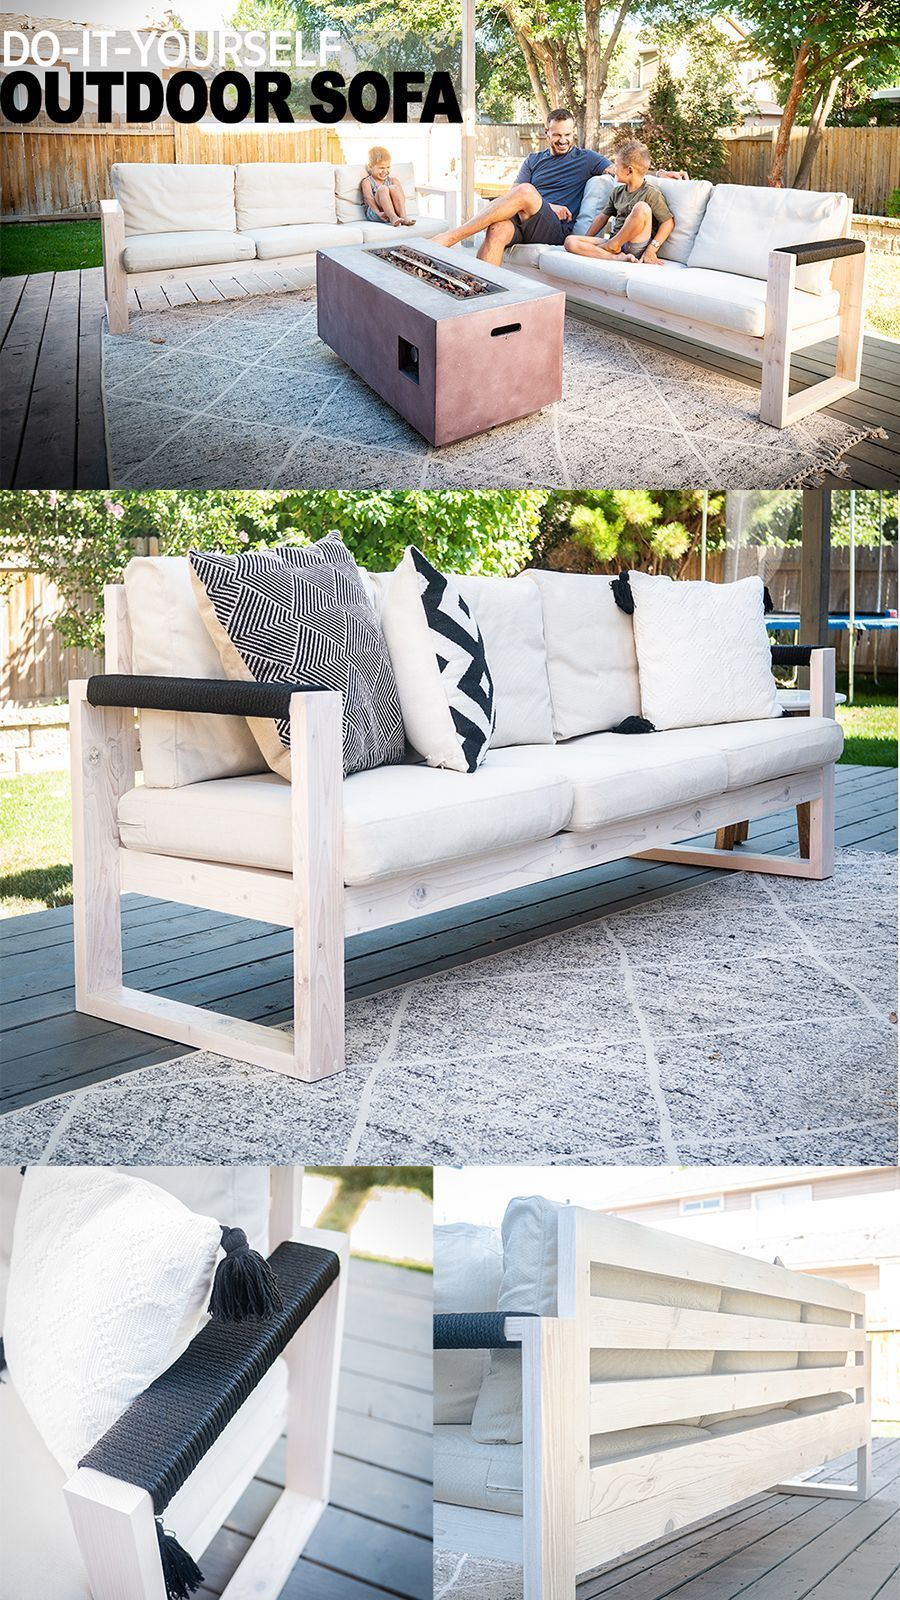 diy ikea outdoor sofa in diesem